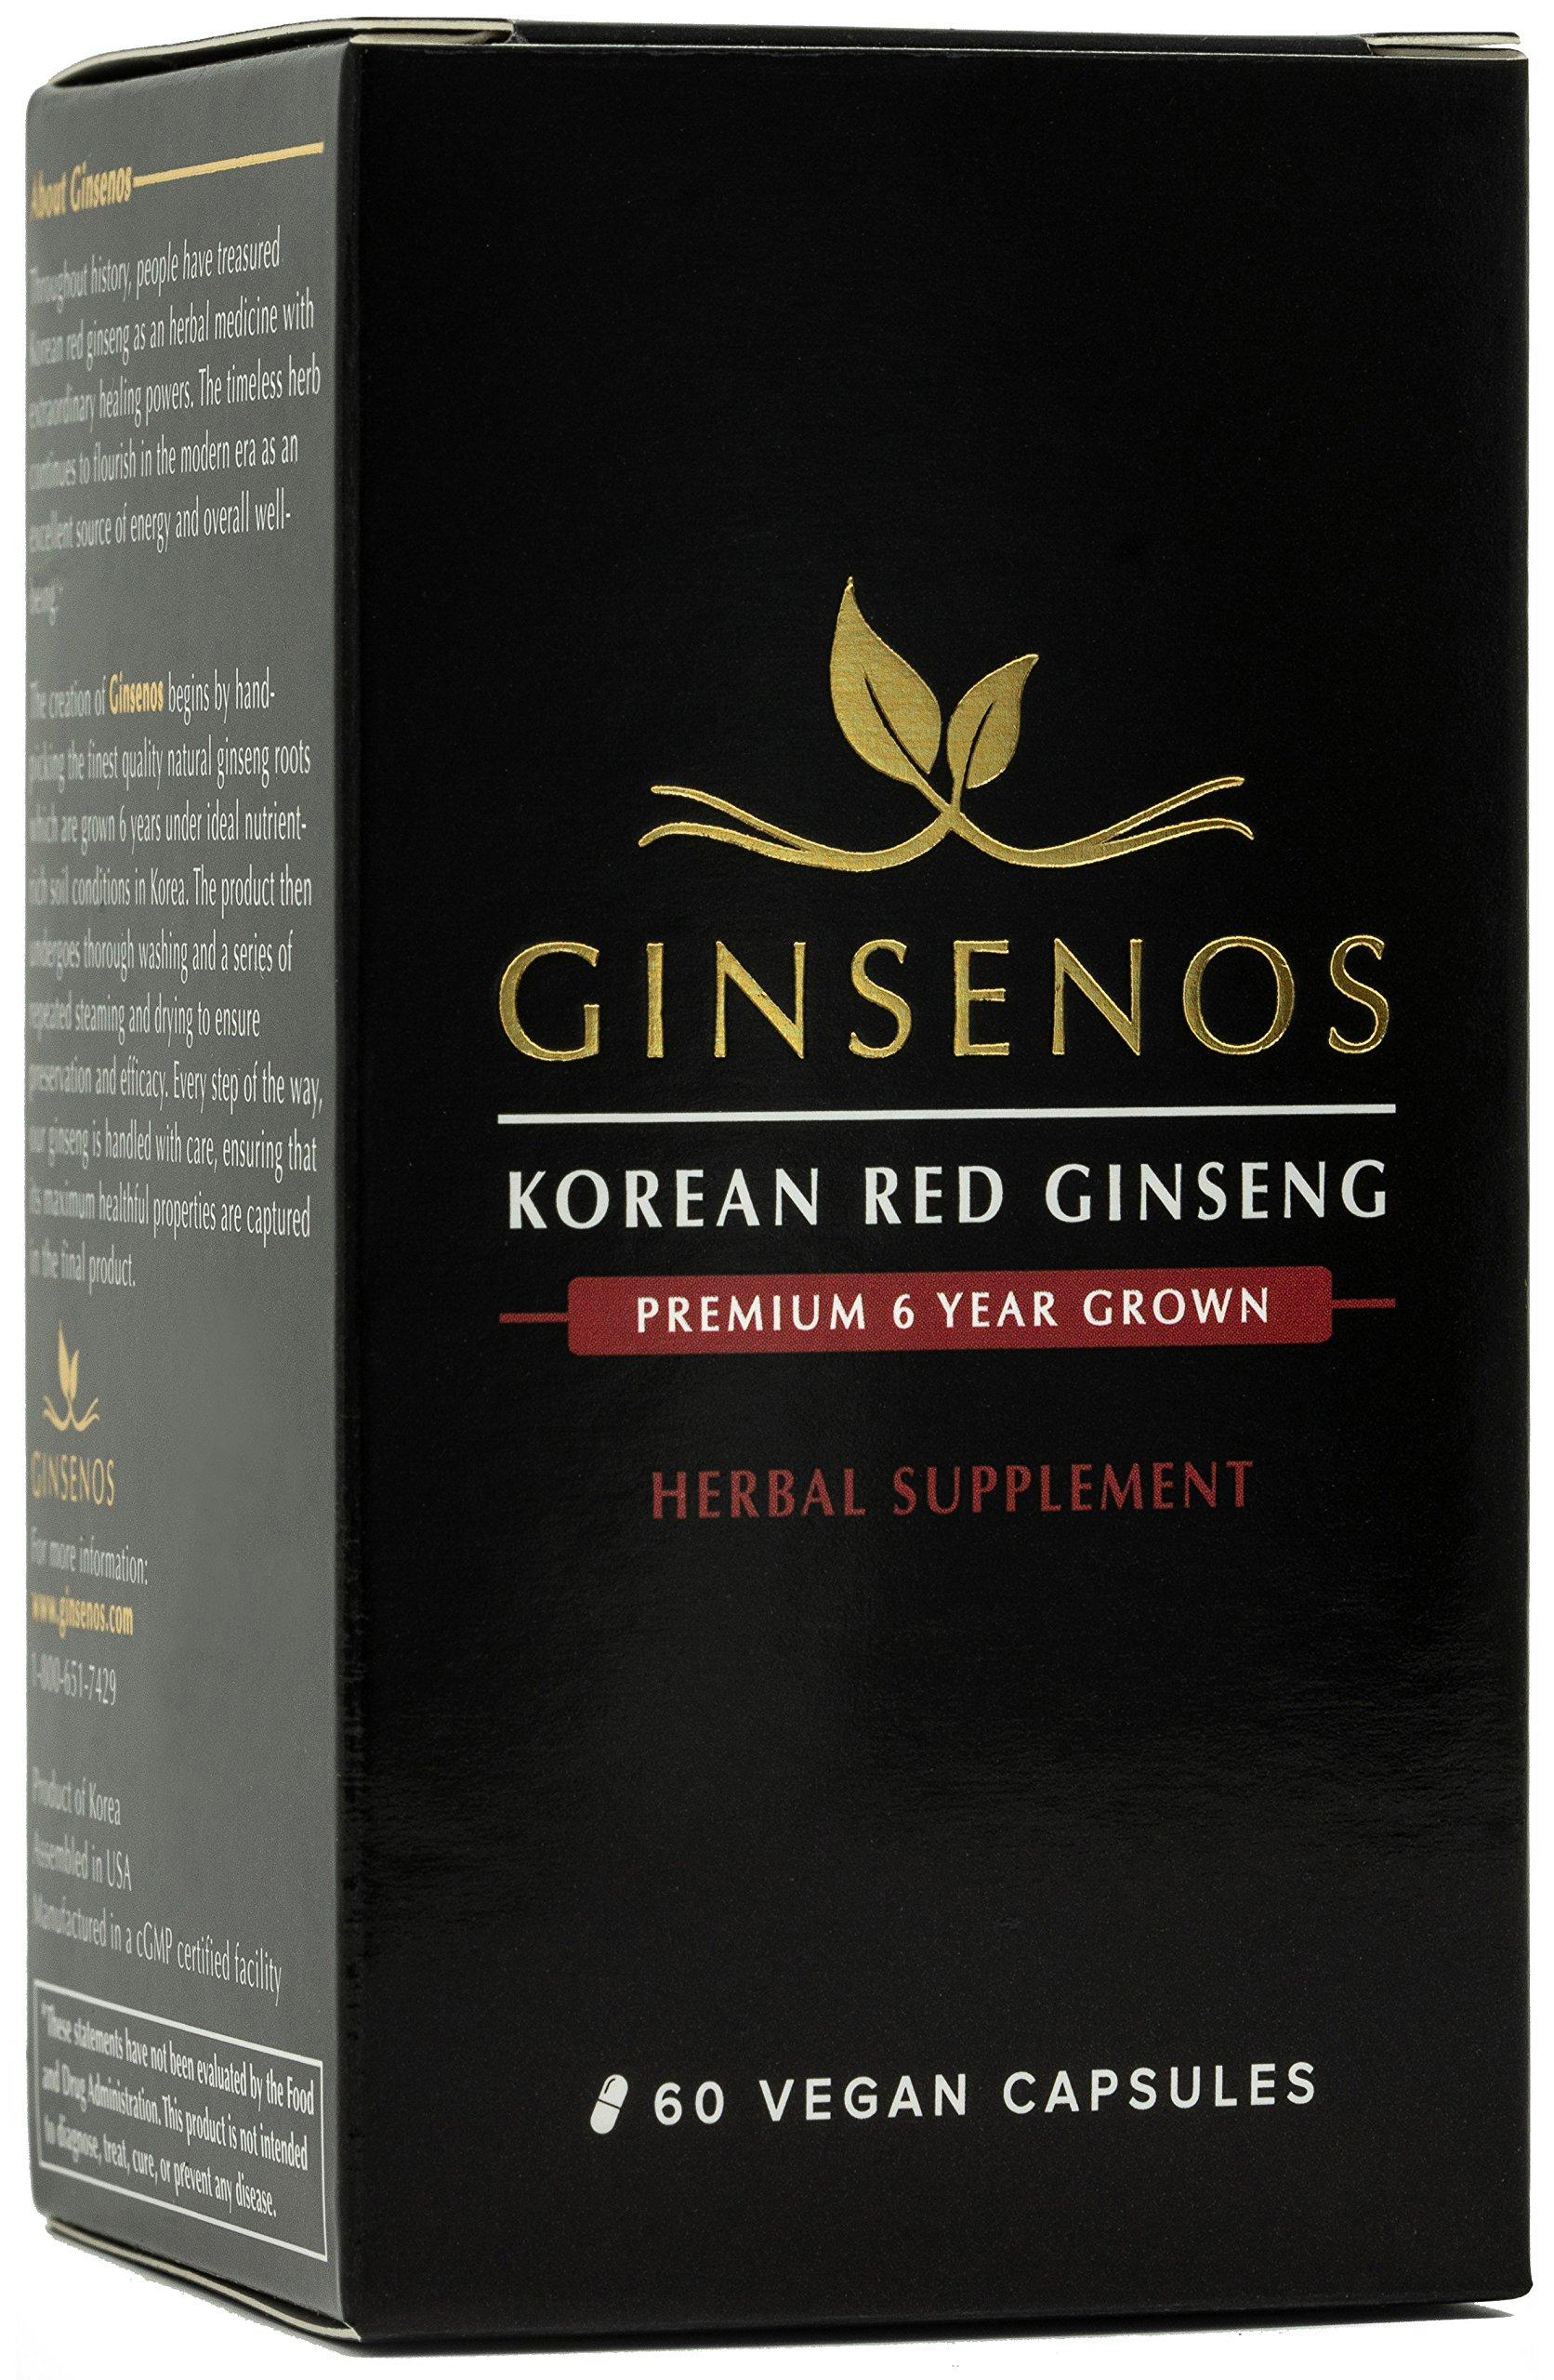 Ginsenos Premium Korean Red Ginseng